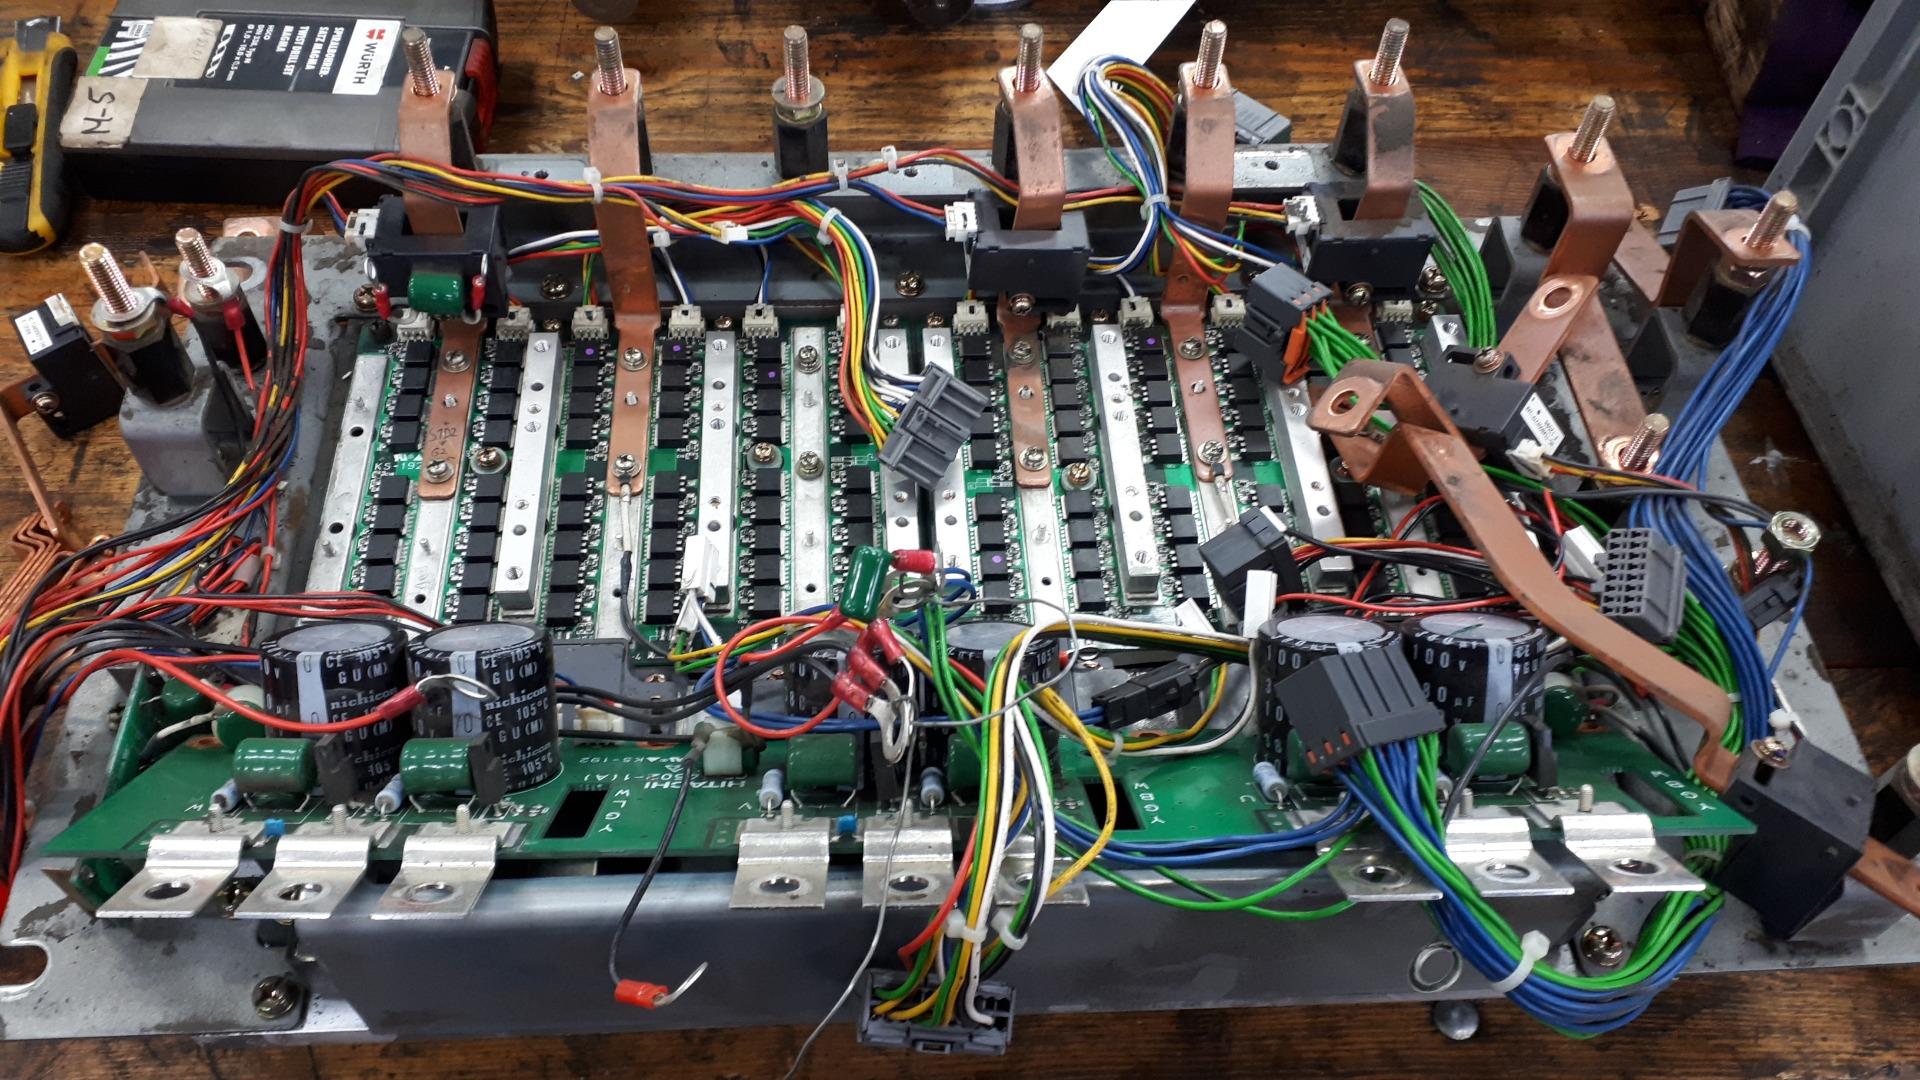 Egymástól eltolva több NYÁK-ból áll az elektronika, aminek a legalján vannak a végfok-tranzisztorok.